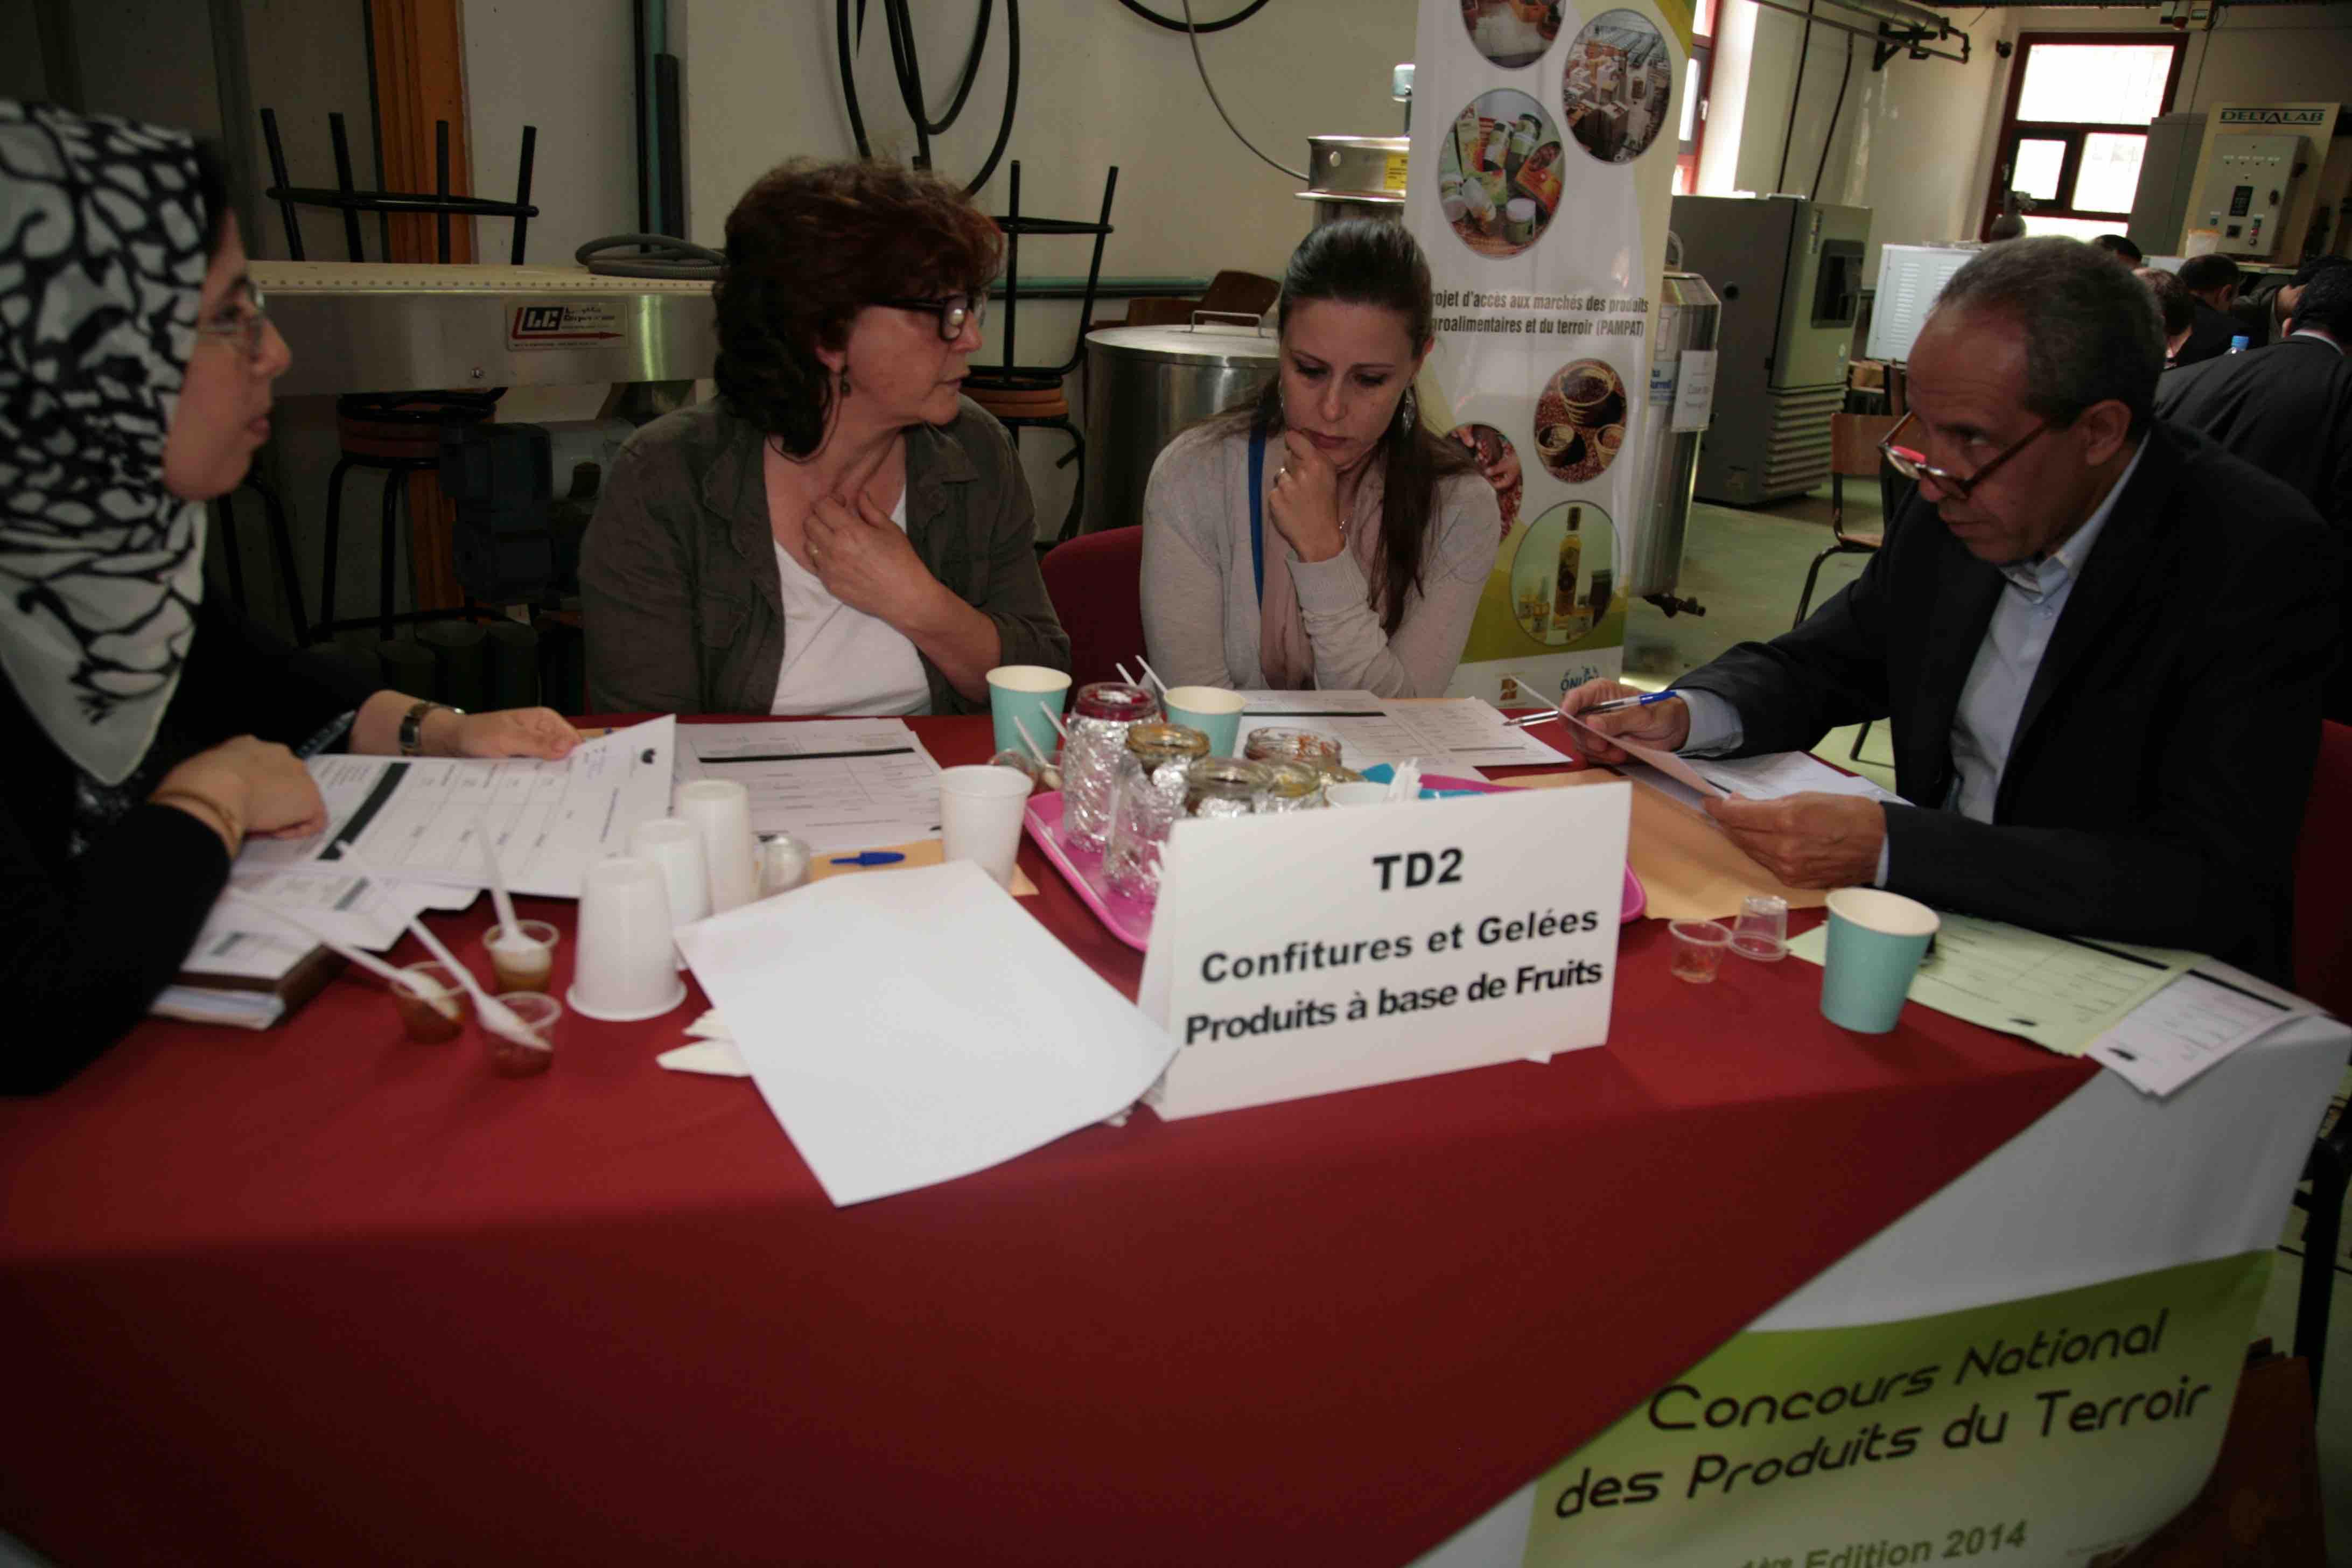 Concours Marocain des Produits du Terroir